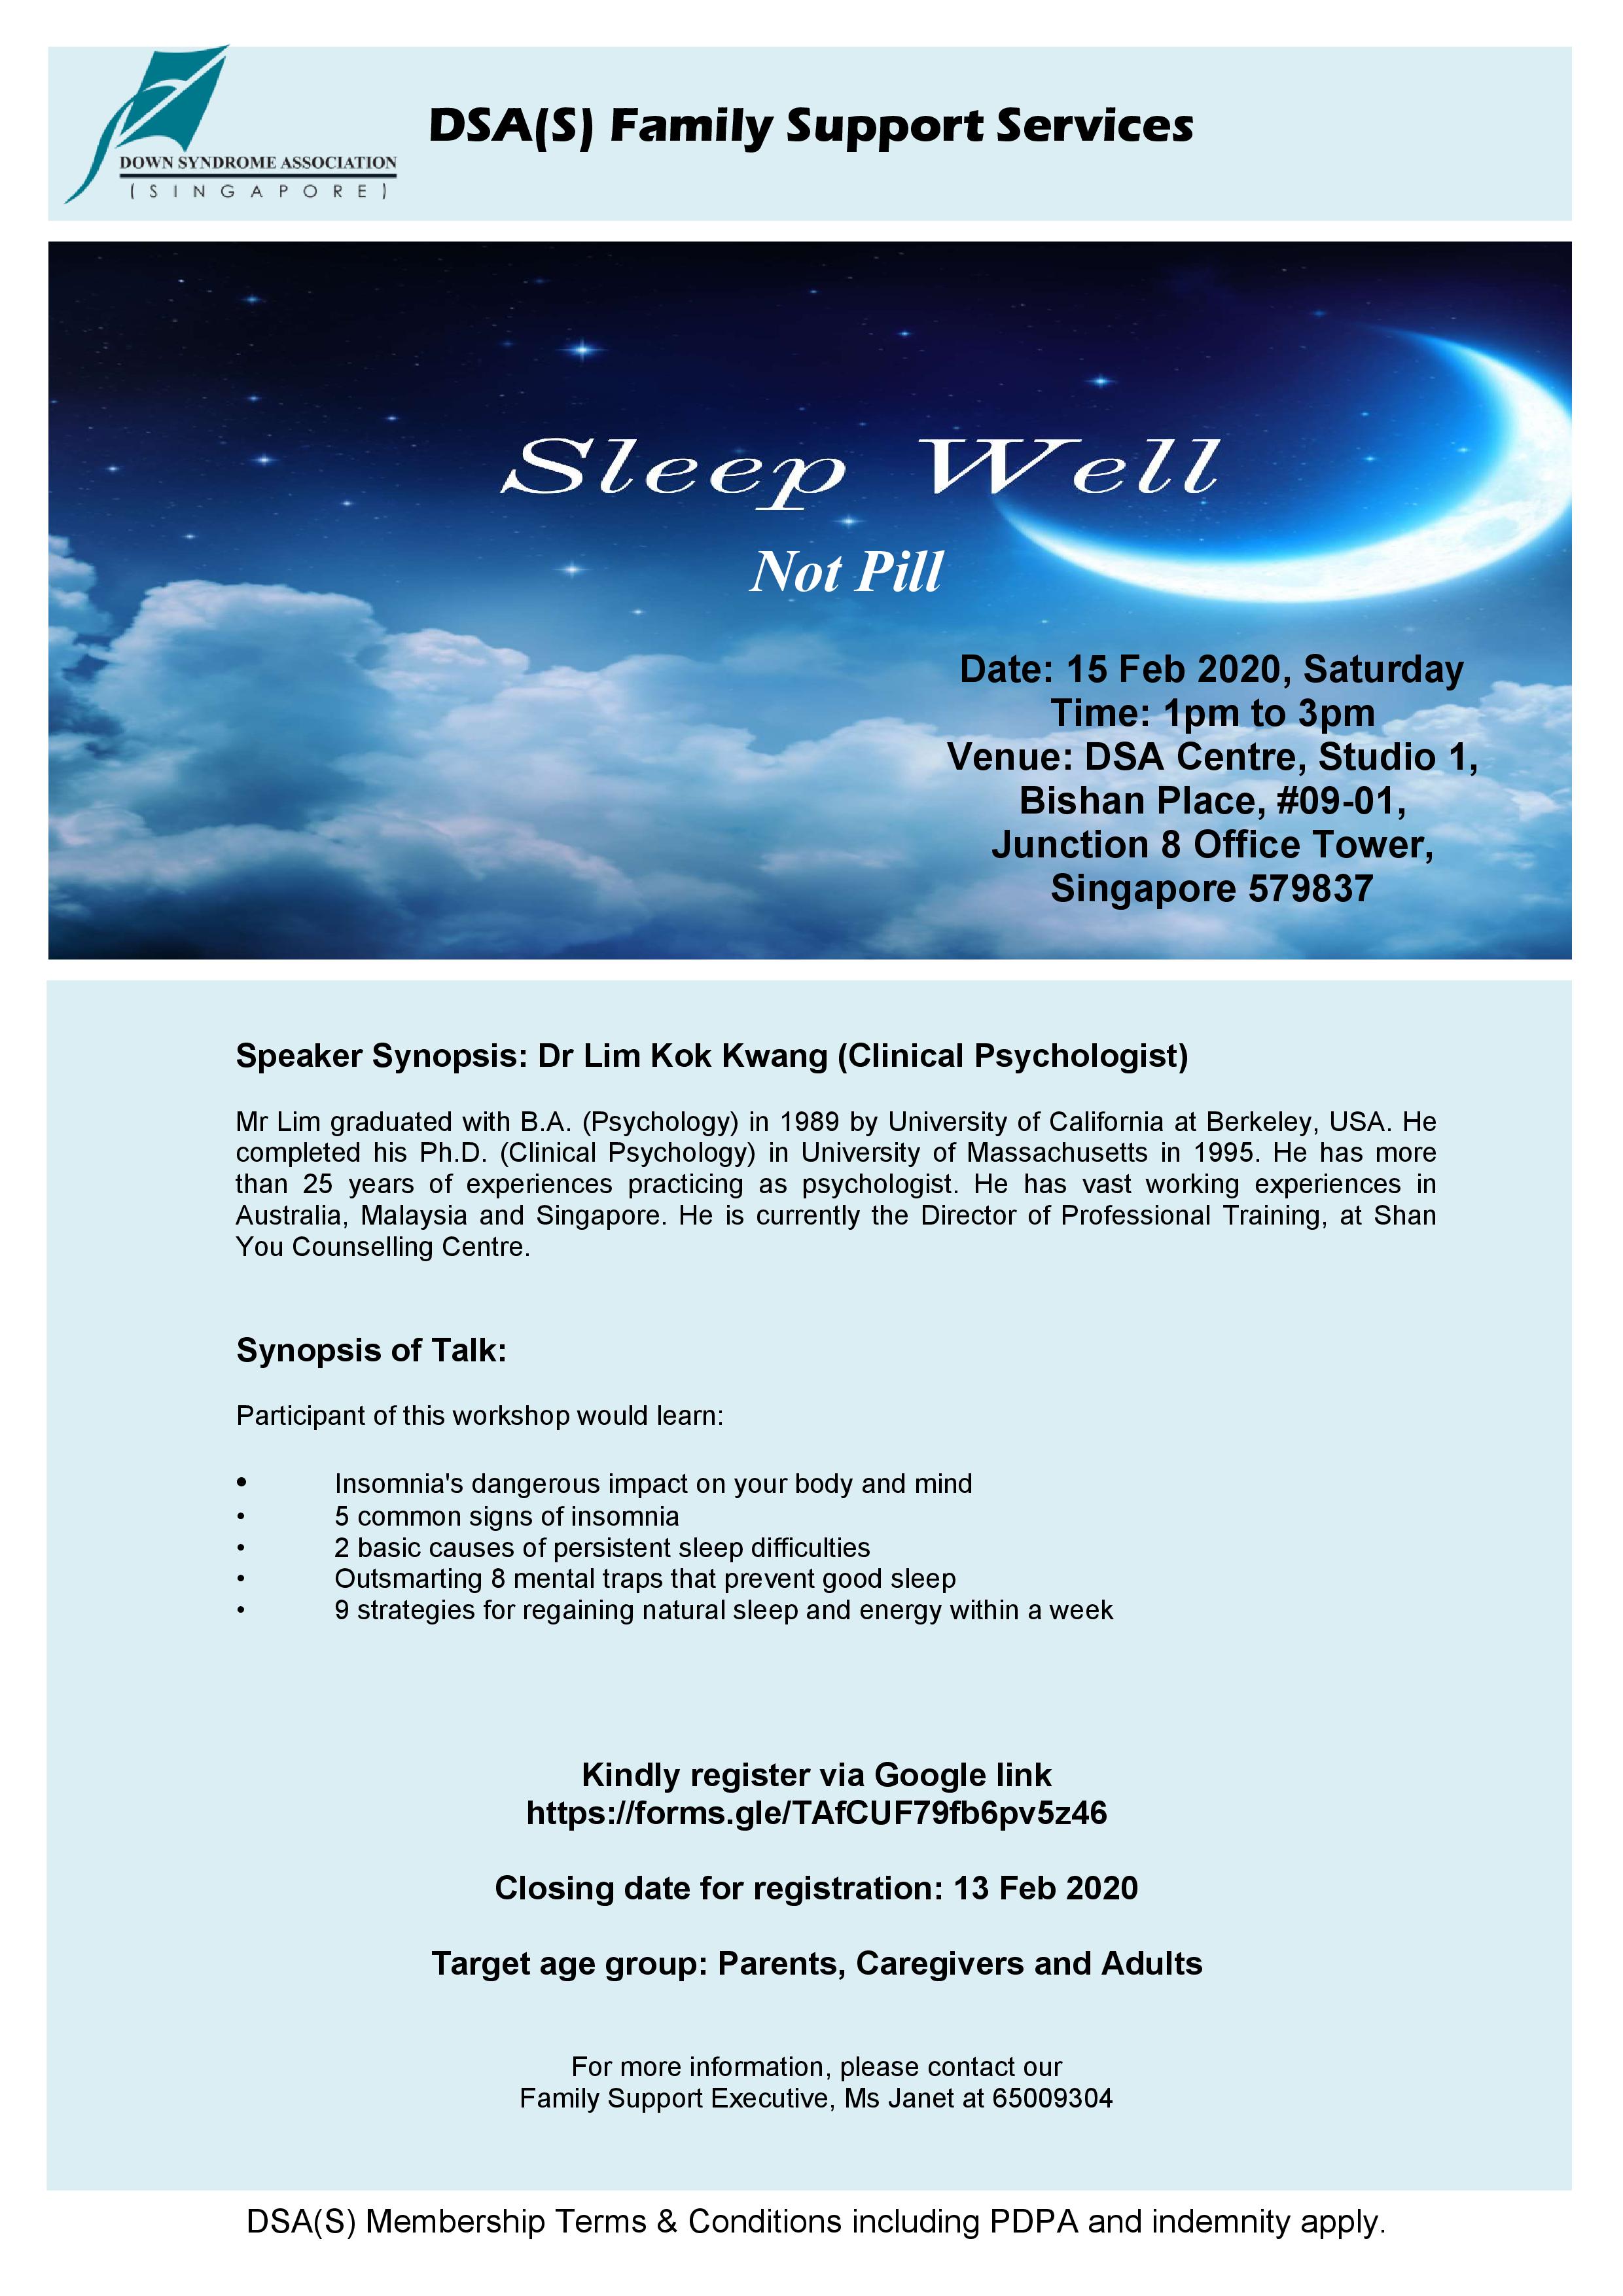 DSA Workshop - Sleep Well, Not Pill